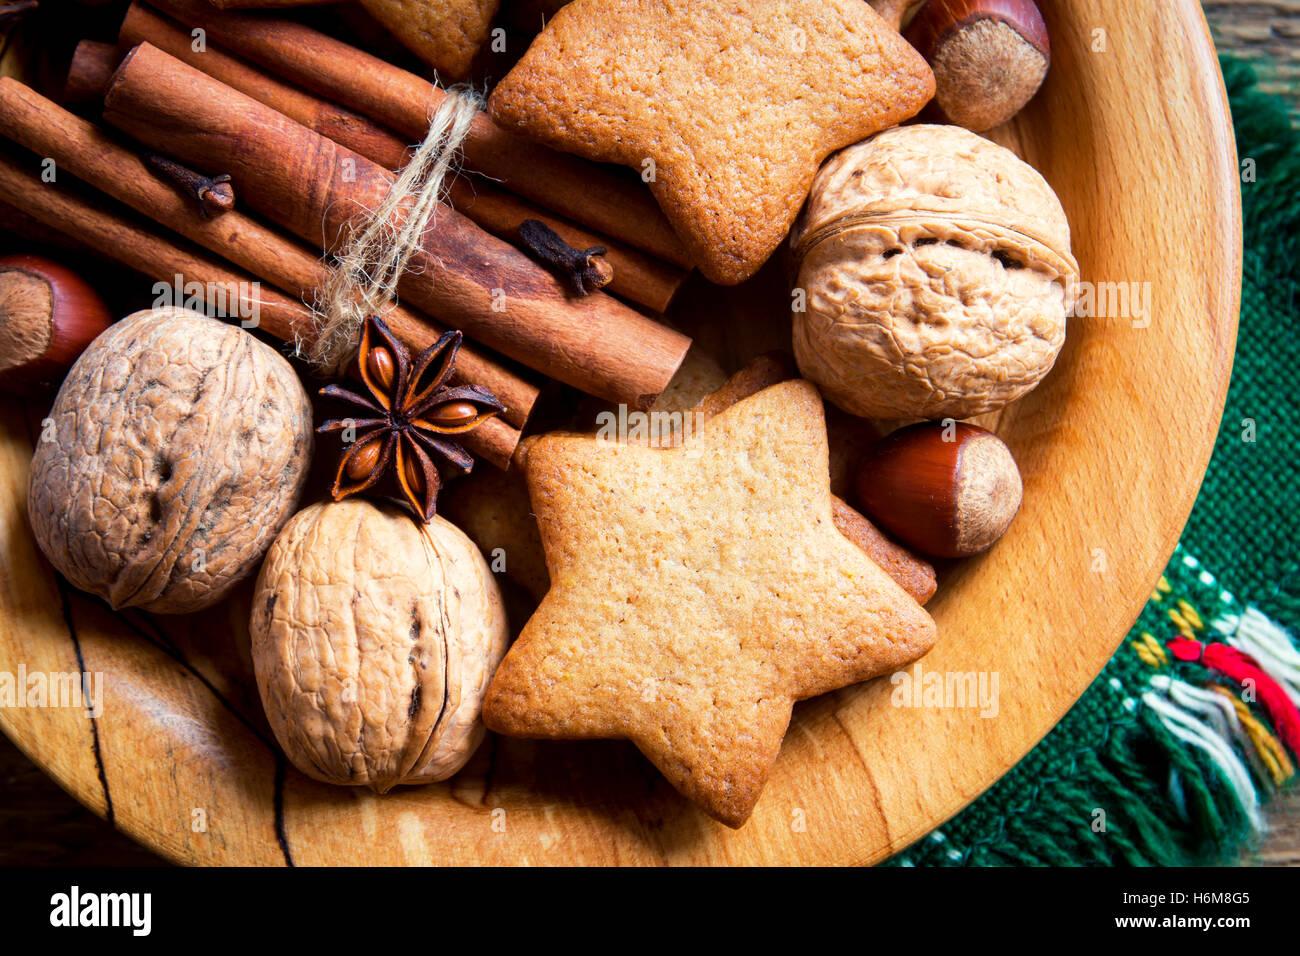 Rustico decorazione di Natale con pan di zenzero i cookie, i dadi e le spezie di Natale su piastra in legno Immagini Stock